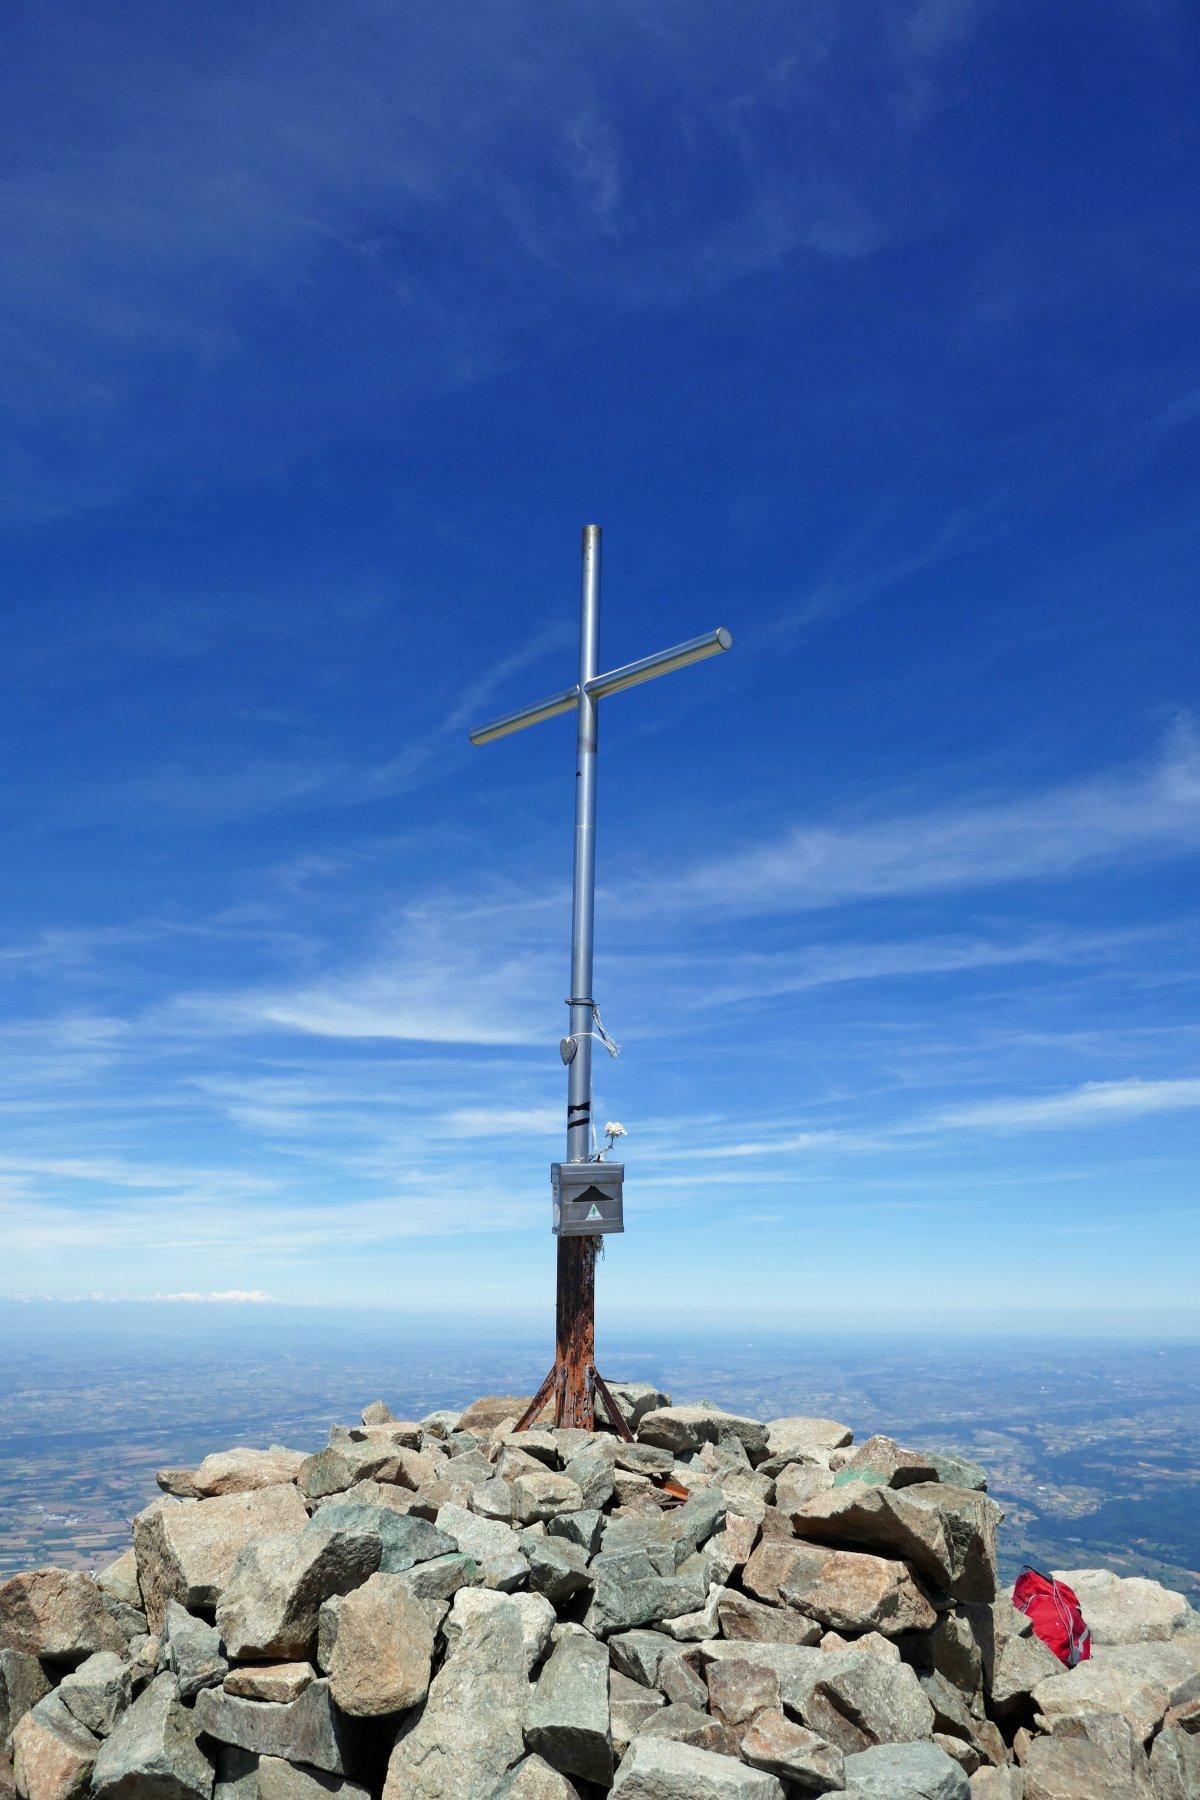 La croce della Bisalta in un raro momento di quiete